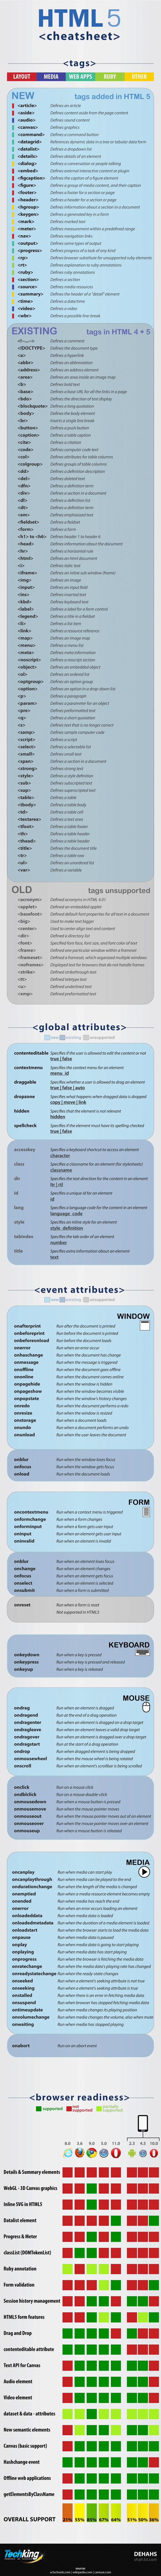 Pour tout savoir sur l'HTML5 : tags, attributs, compatibilité navigateurs